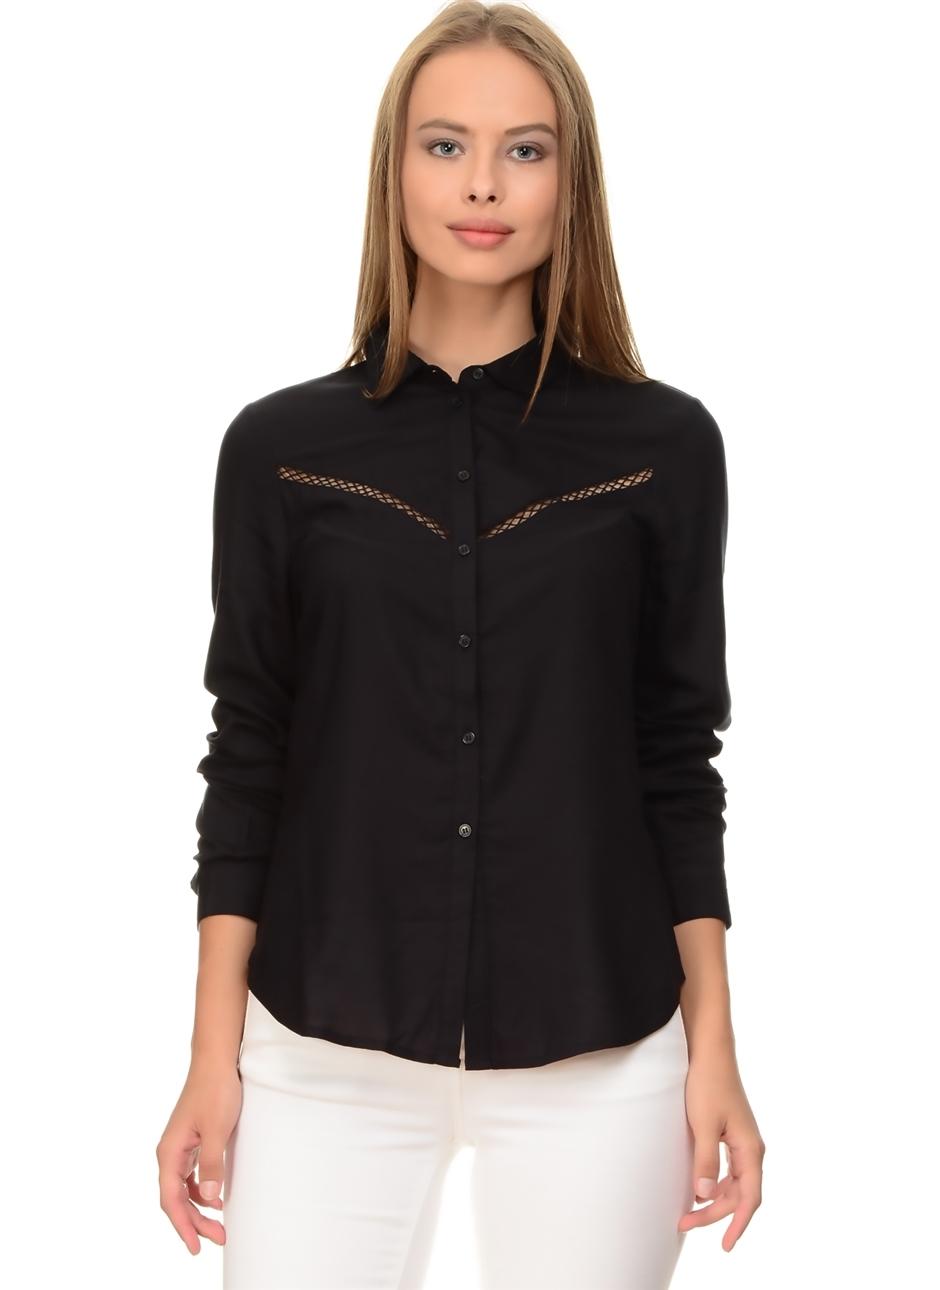 Vero Moda Gömlek M 5000135580001 Ürün Resmi